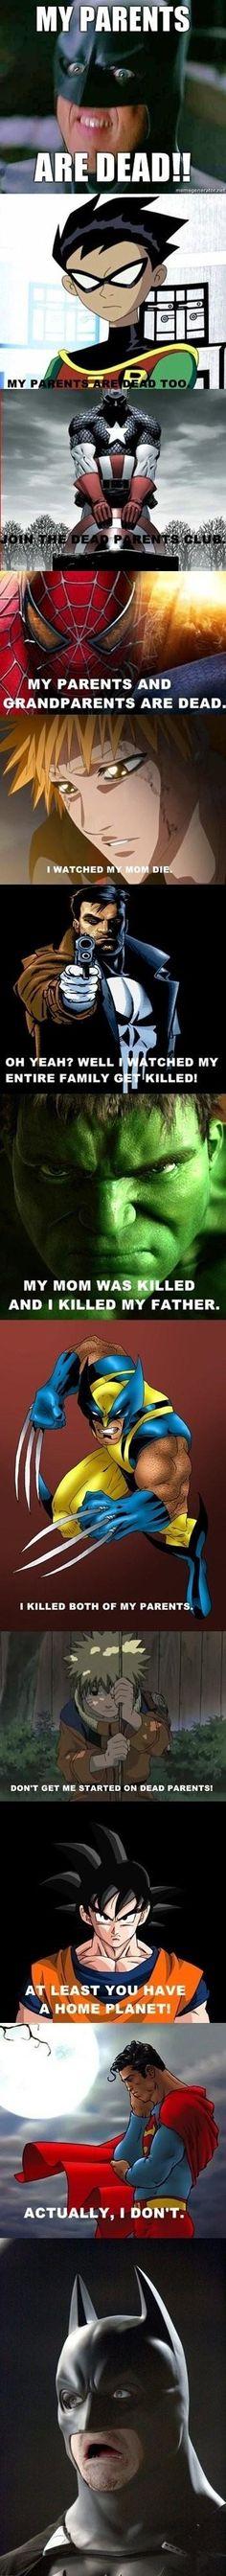 Batman: My parents are dead!